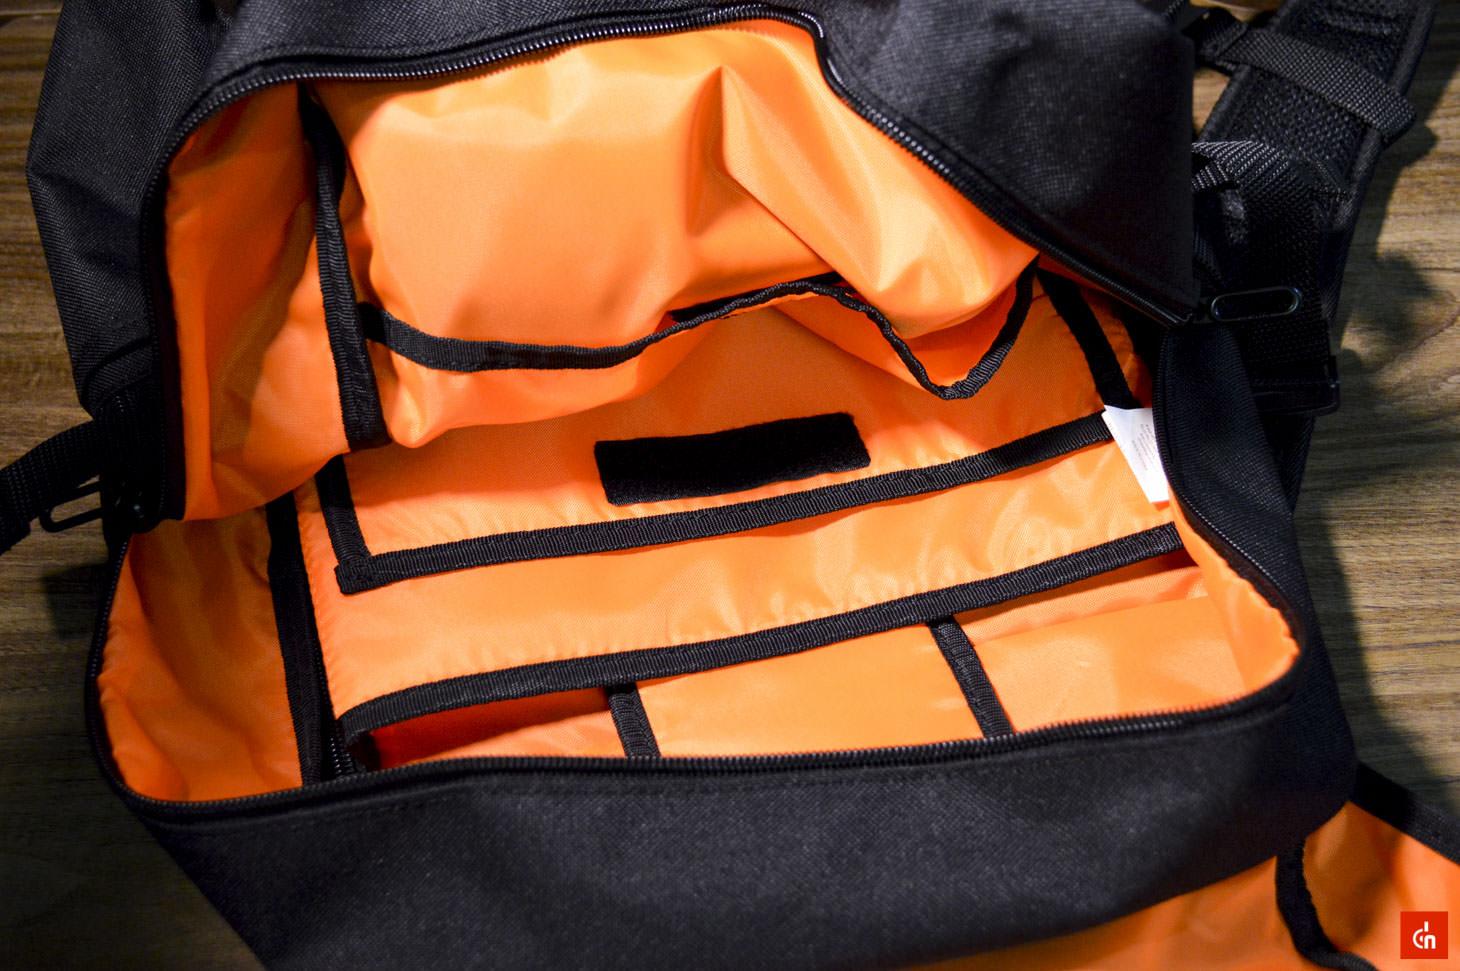 049_20160707_sanwa-square-bag